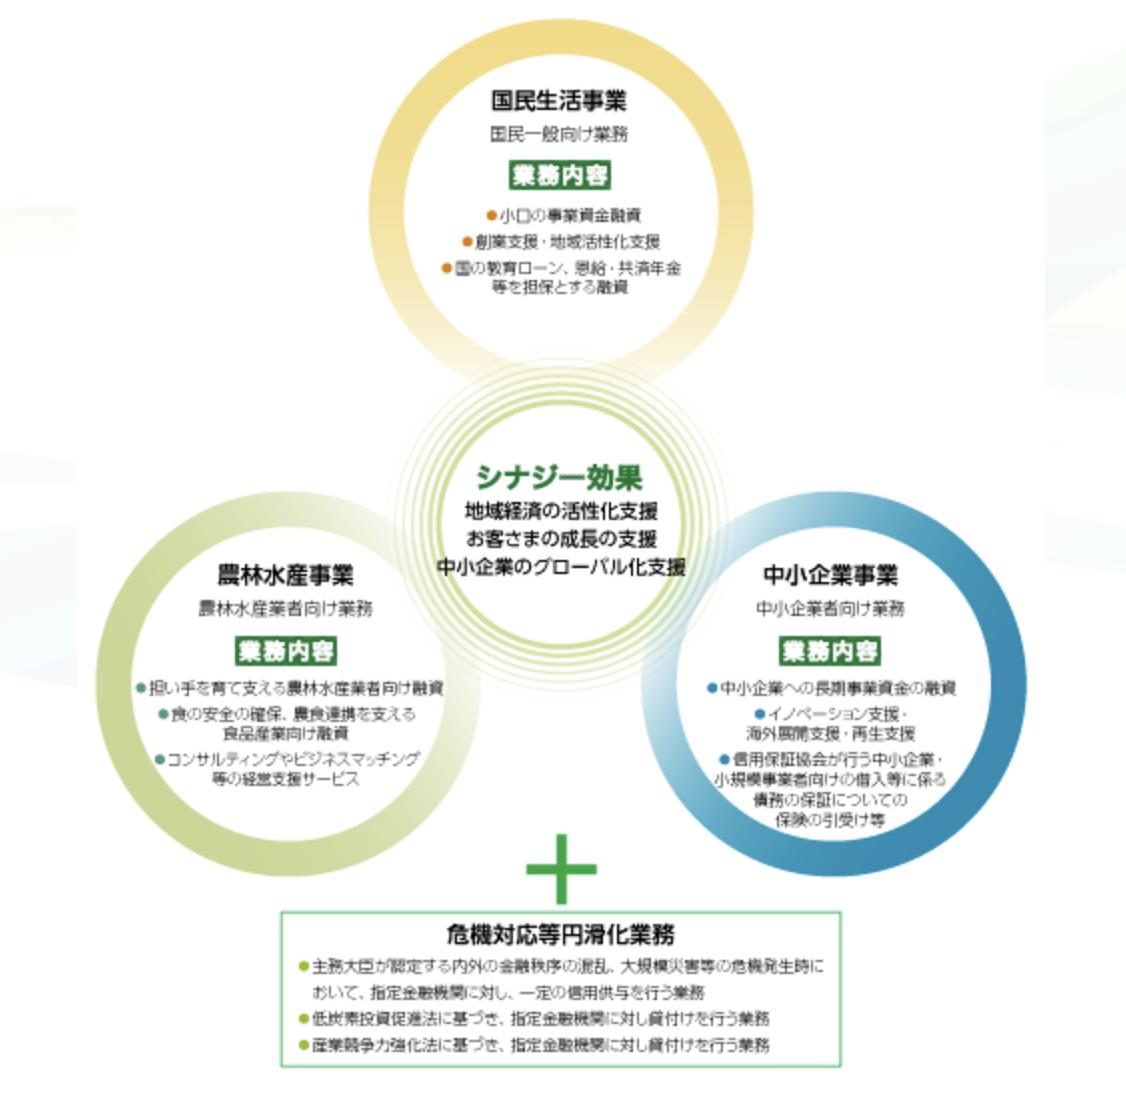 日本政策金融公庫, 日本政策金融公庫融資, 日本政策金融公庫メリットデメリット